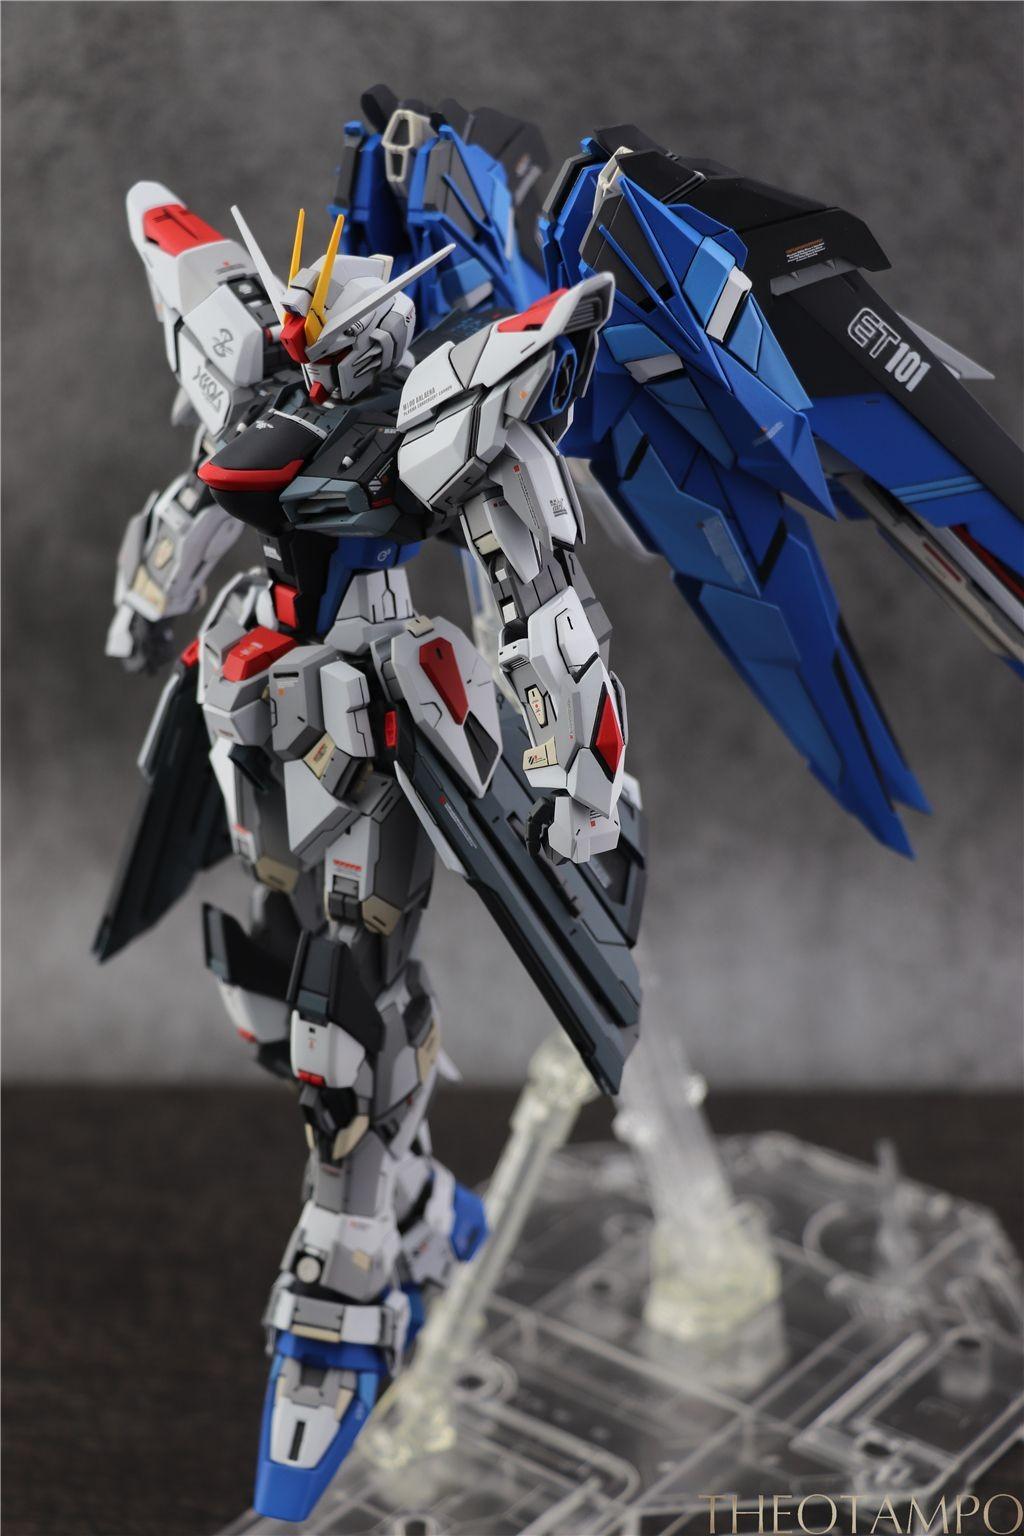 """Gundam Exia Papercraft Mg Freedom Gundam 2 0 自ç""""±é ˜è¾¾ æ—é™ç ´åº¦gk é ˜è¾¾æ¨¡åž‹ç ¼åˆè ¨è ºåŒº 78"""